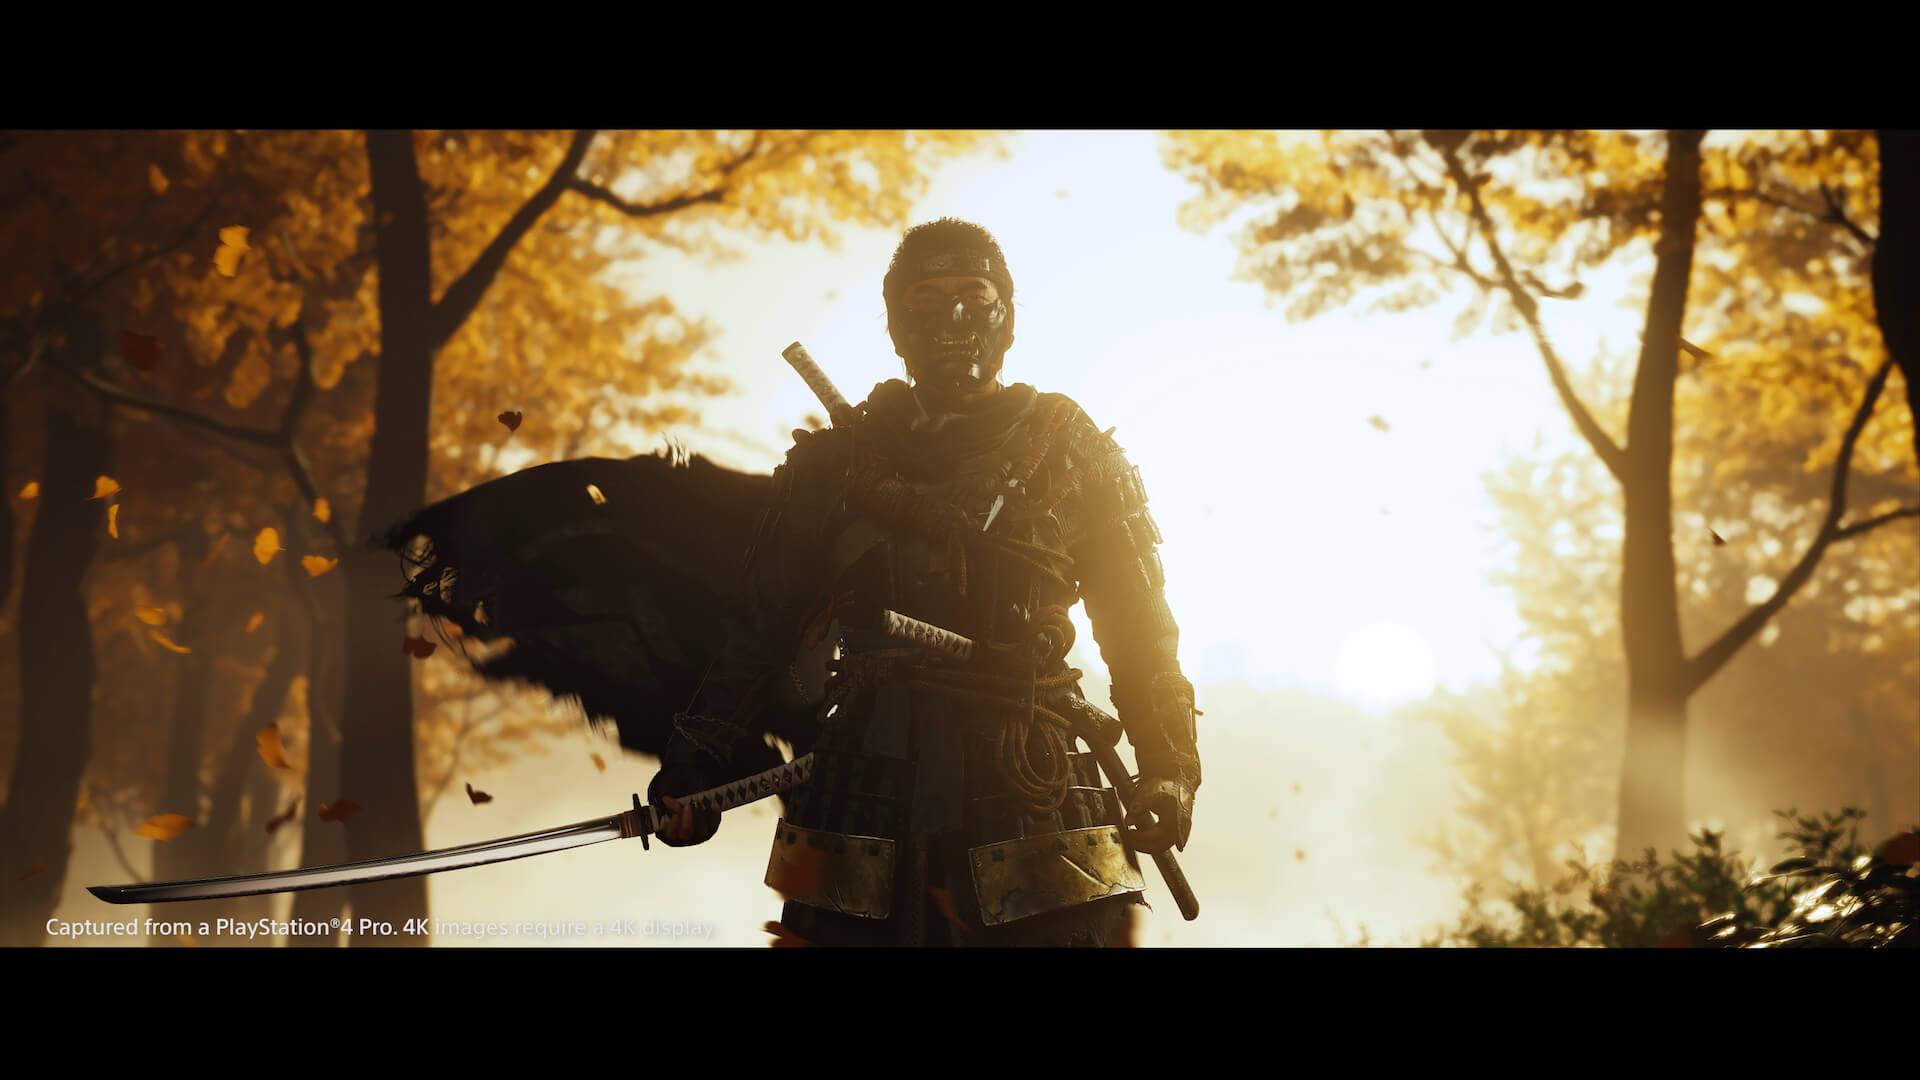 新感覚のオープンワールド時代劇を体感せよ!PS4専用ソフト『Ghost of Tsushima』がついに本日発売 tech200717_ghostoftsushima_18